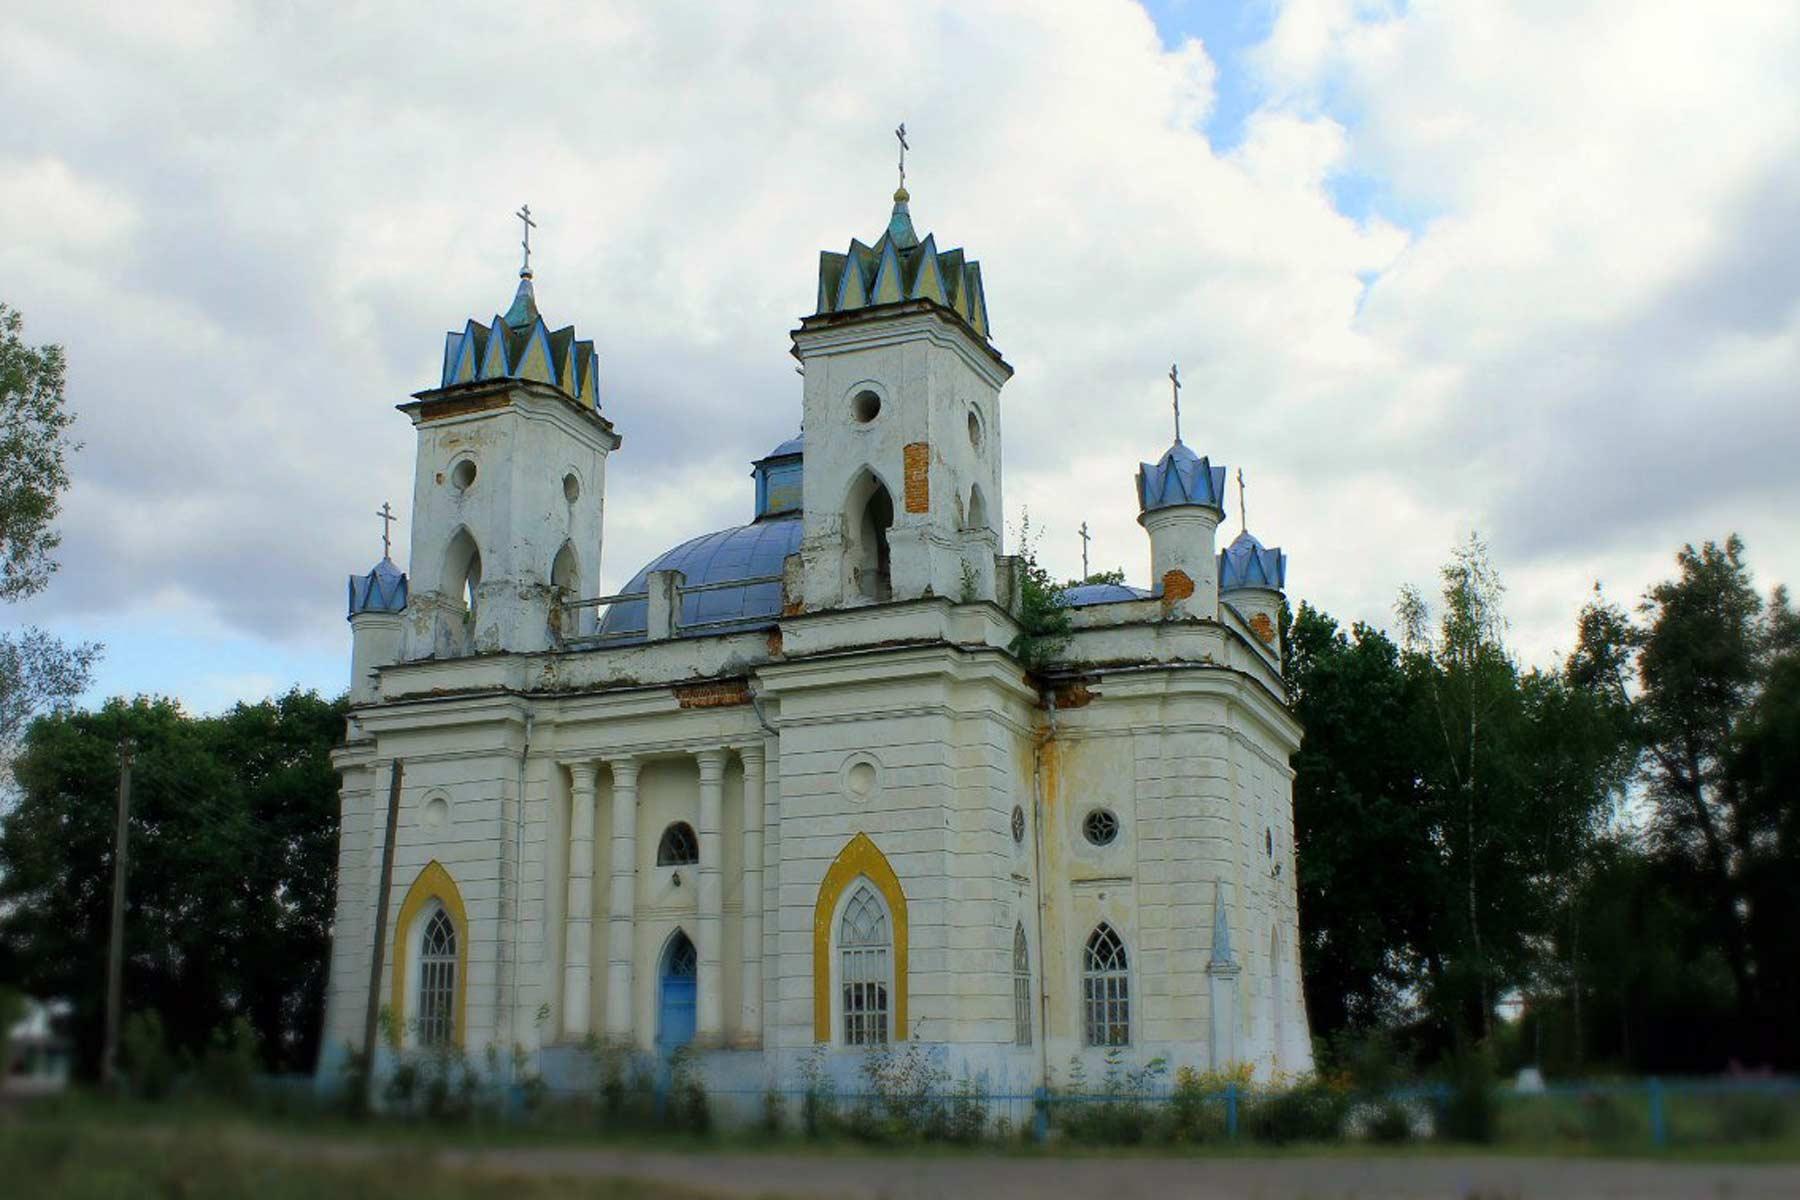 Дворец Румянцева - главная достопримечательность Гомеля, а усадьба Румянцева в Брянской области…. находится под охраной государства